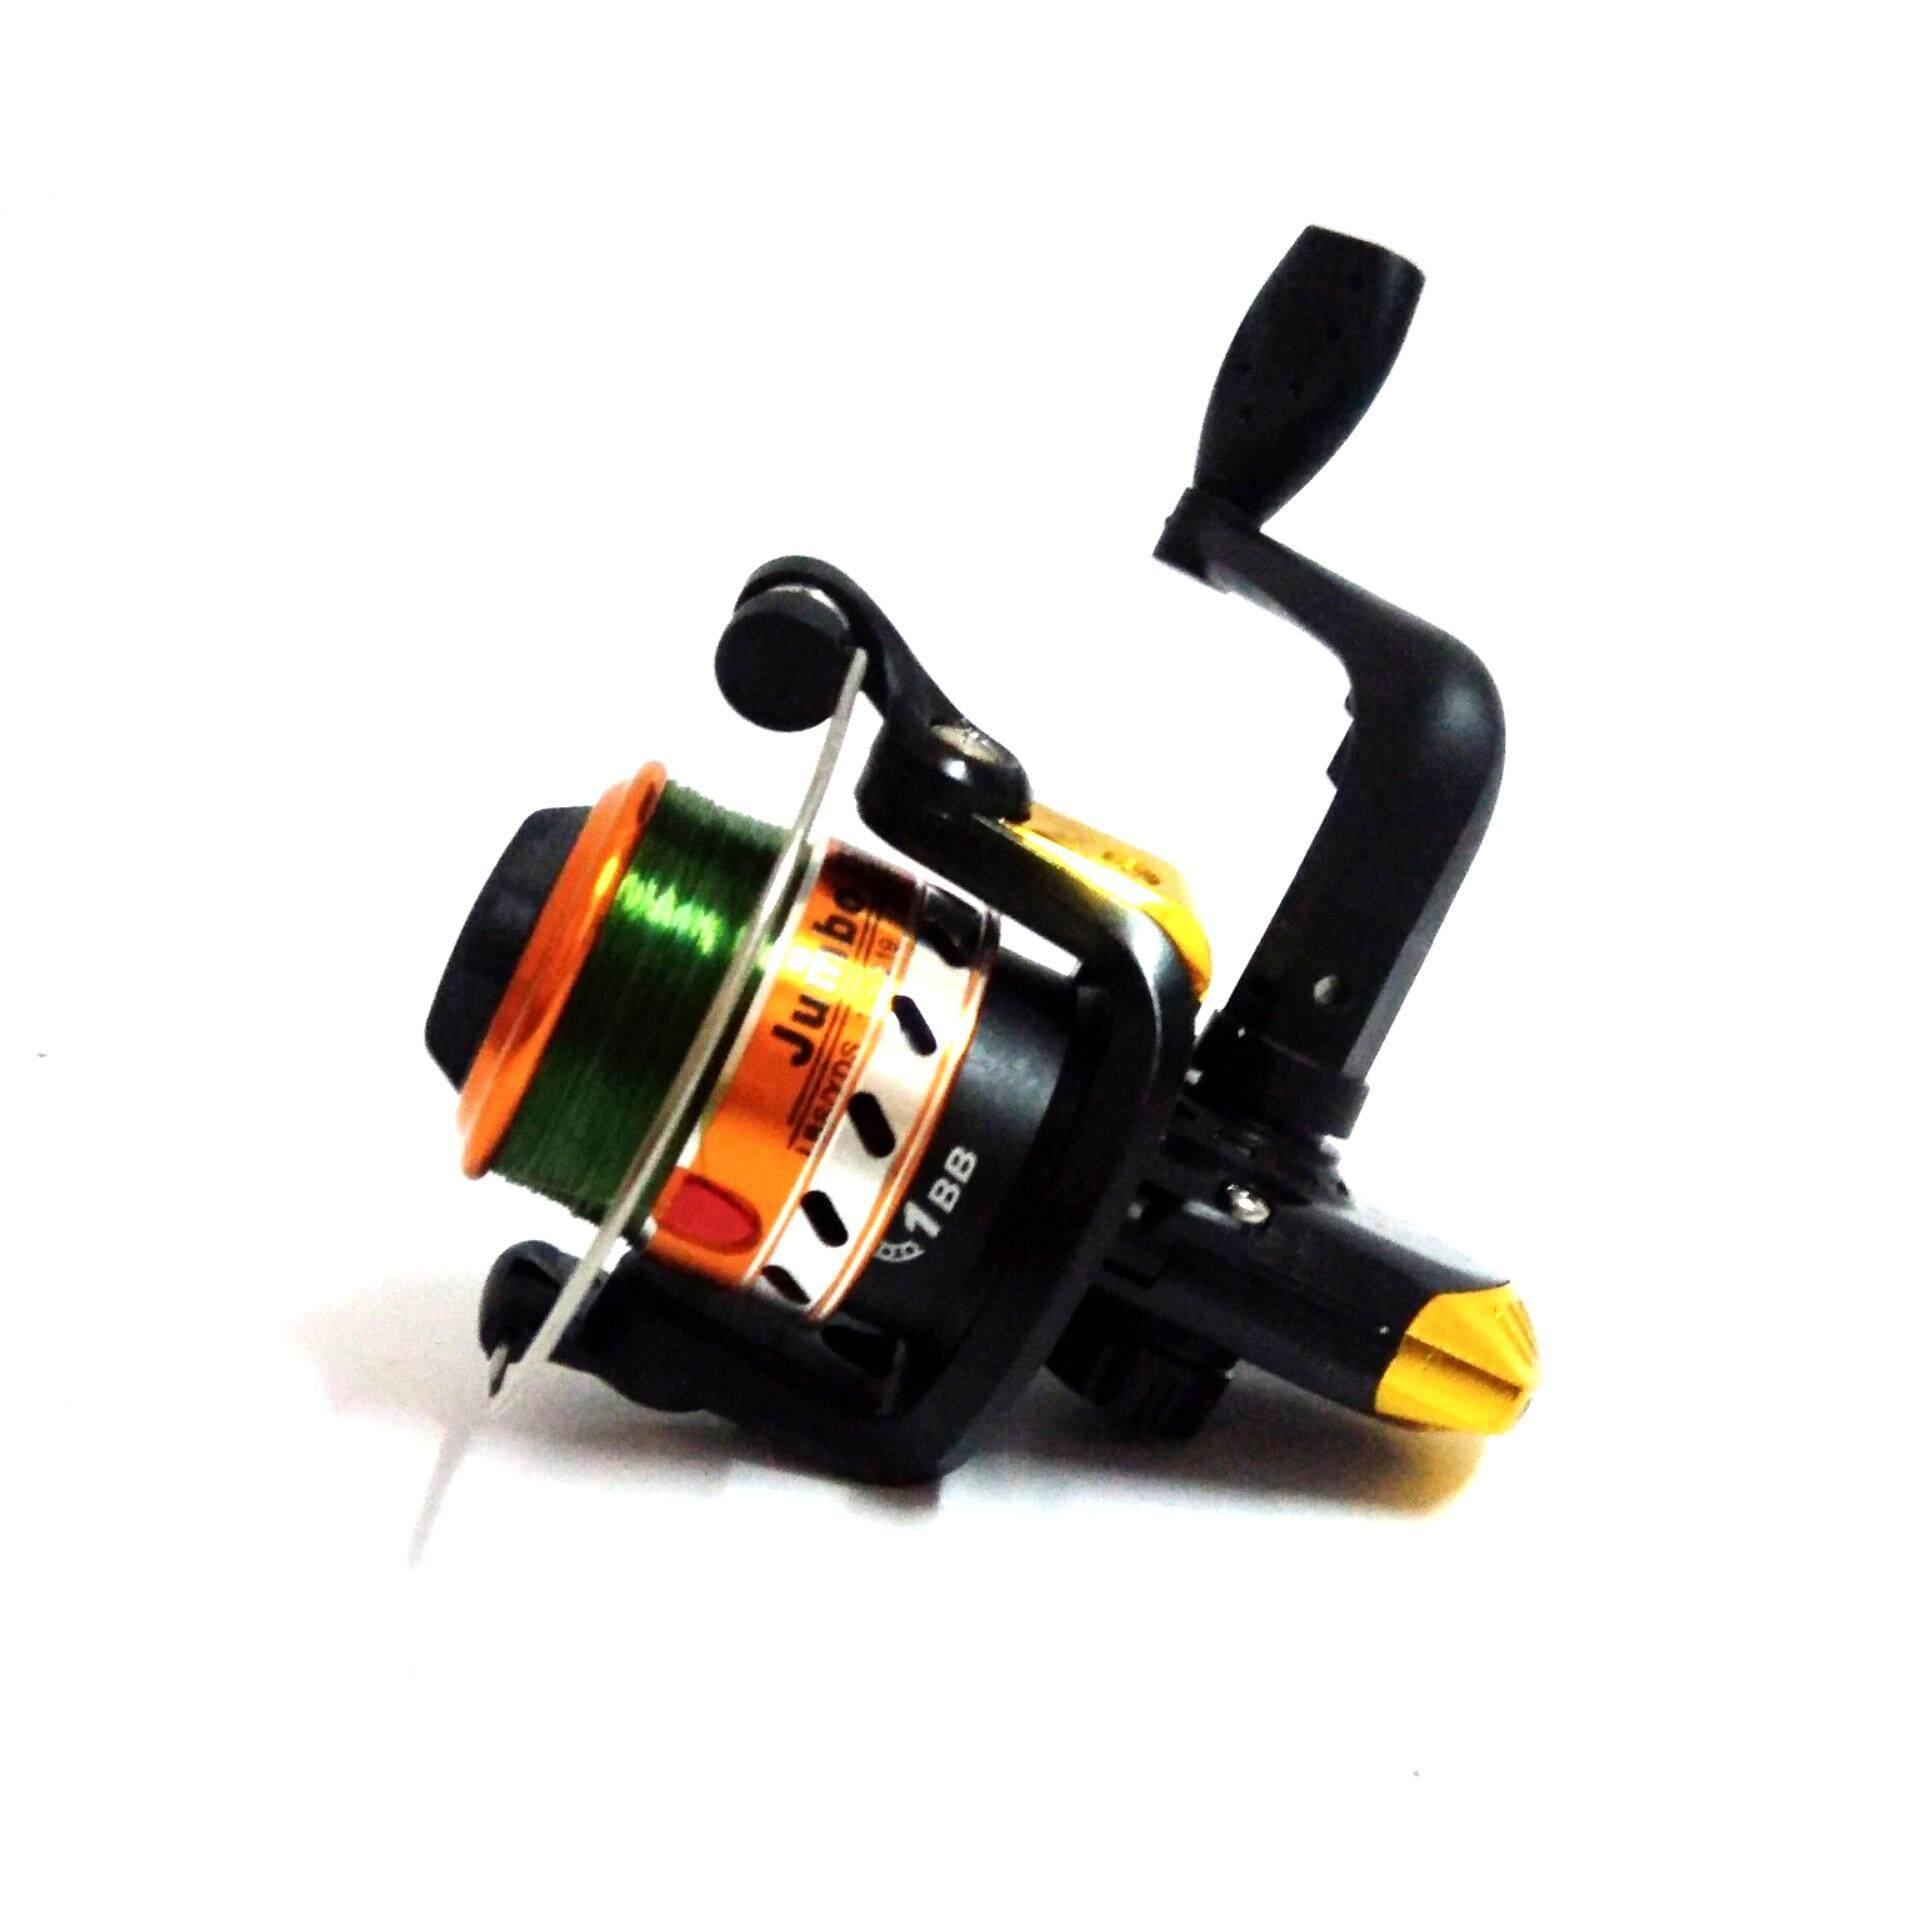 รอกตกปลา รอกสปินนิ่ง รอกเบท อุปกรณ์ตกปลา jumbo jc100